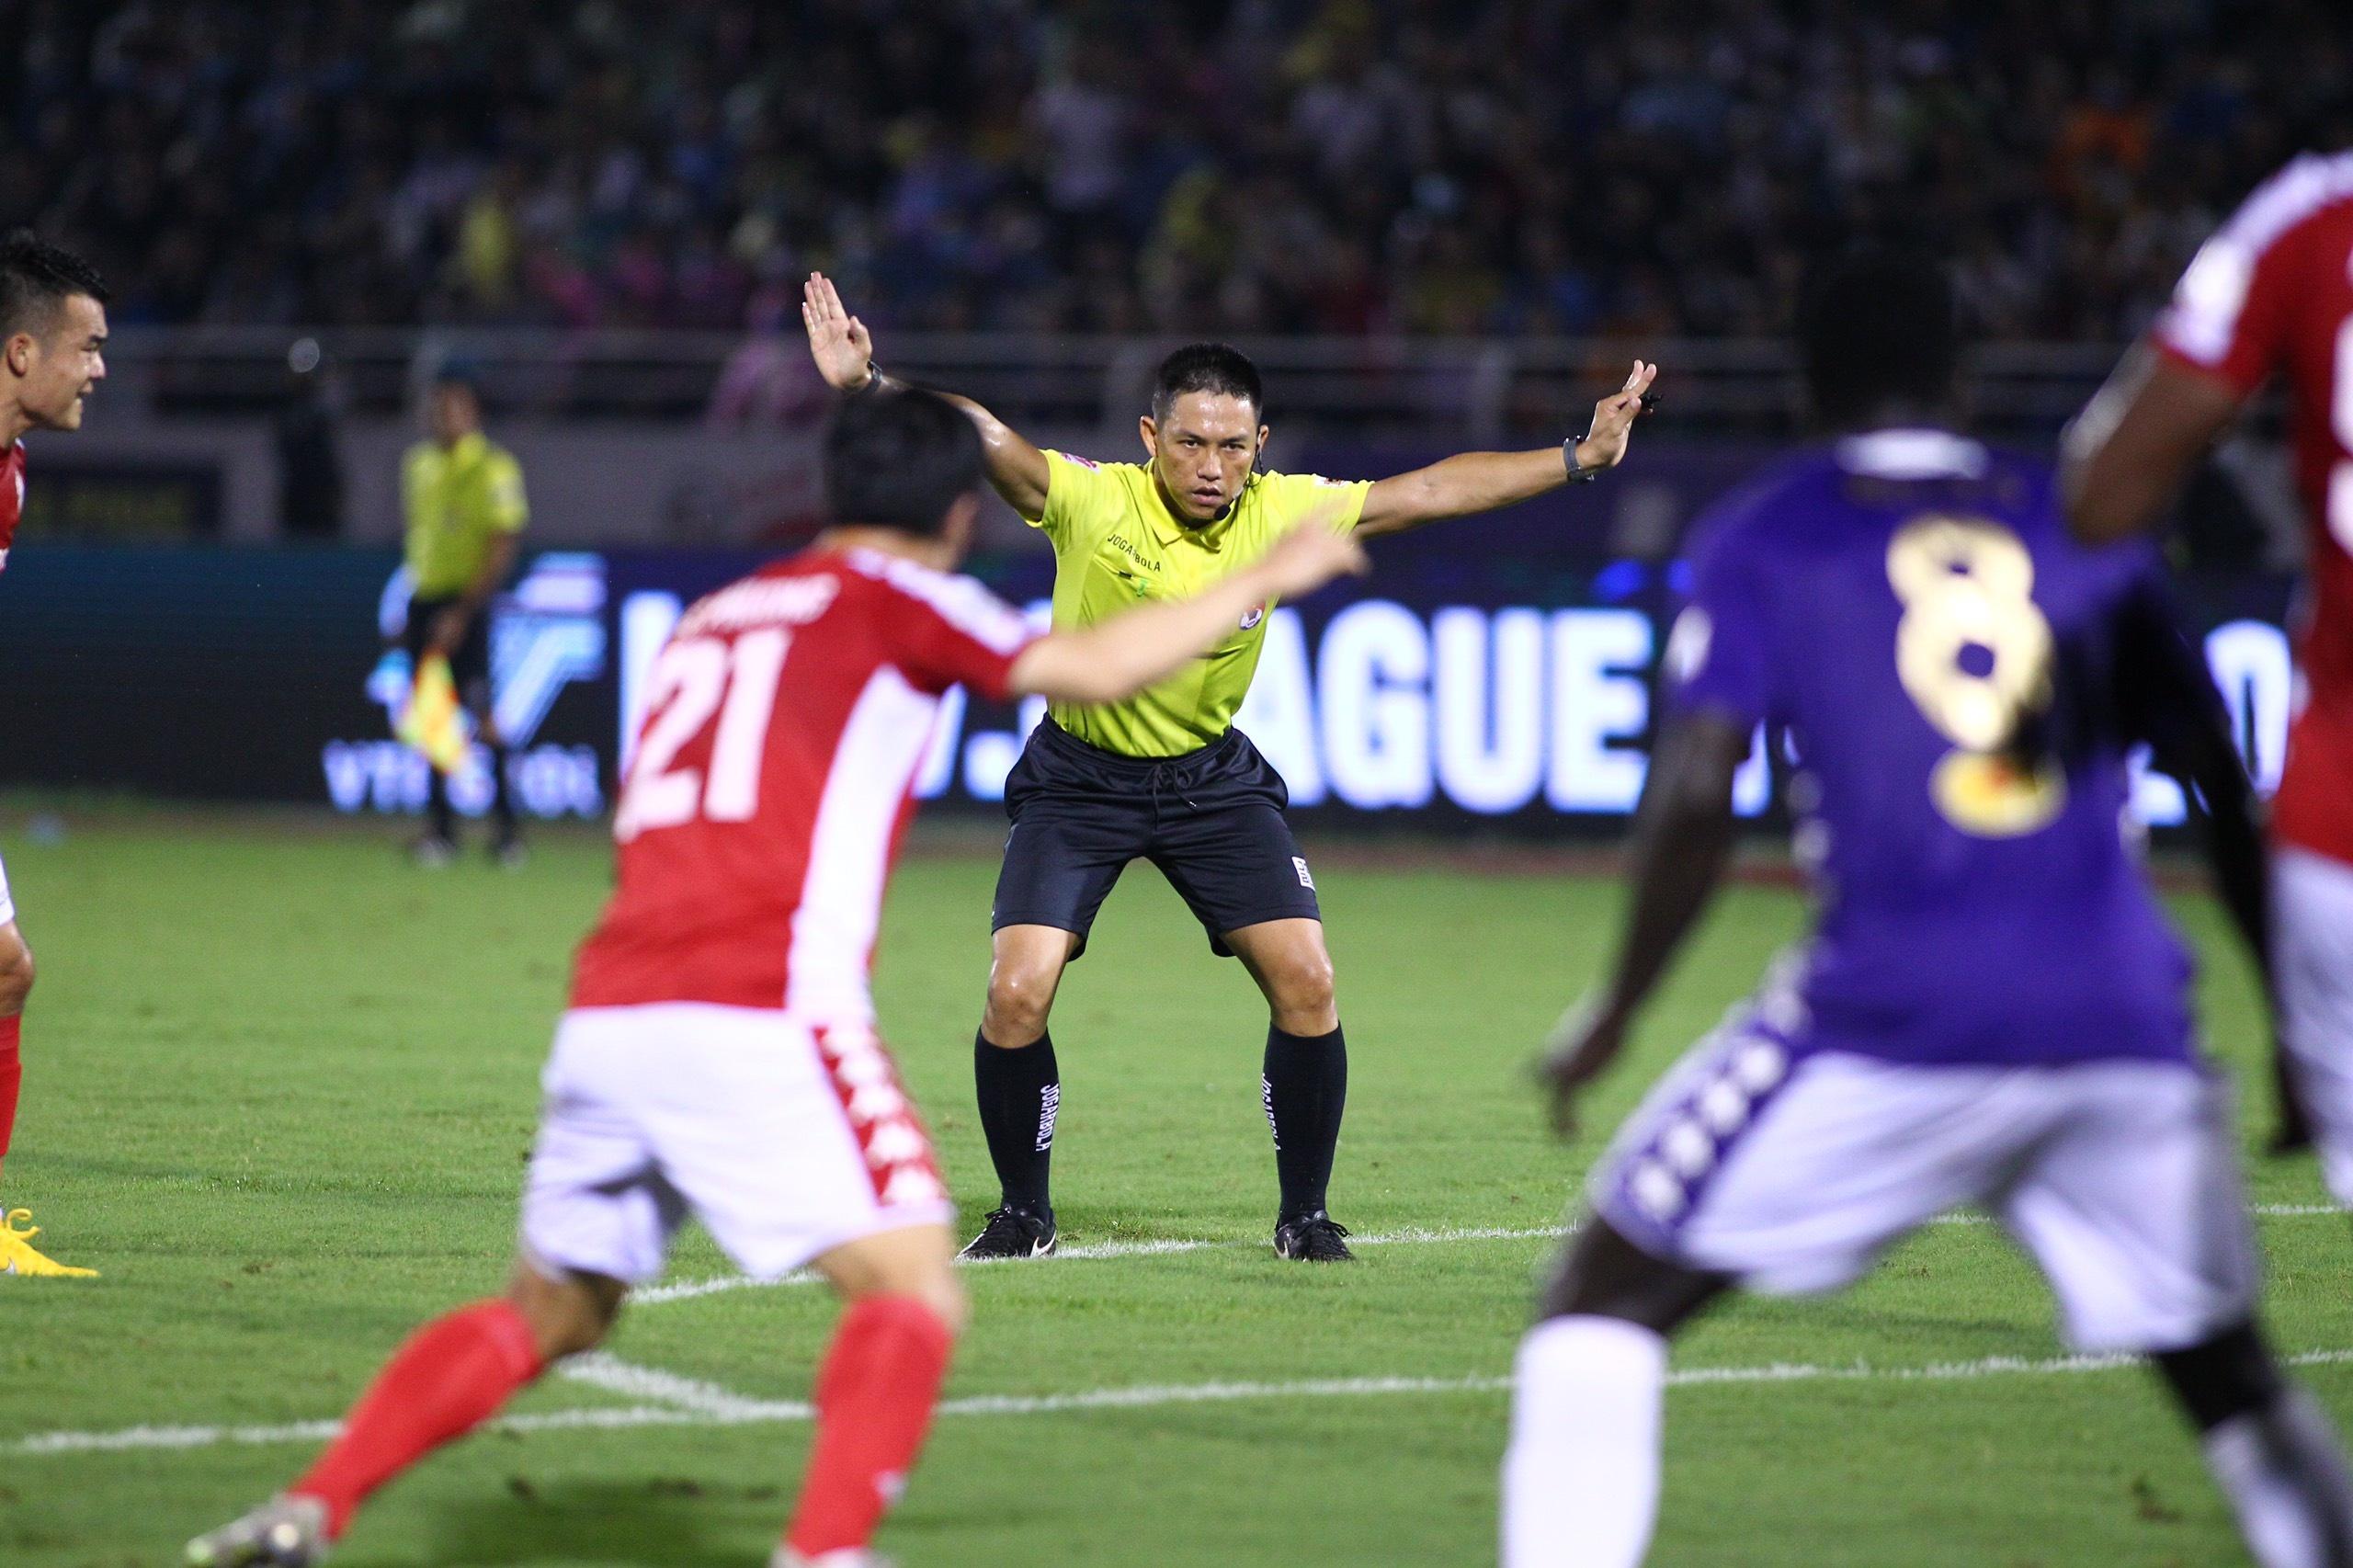 Trưởng ban trọng tài Dương Văn Hiền nhận định ông Trần Văn Trọng có trận đấu tốt. Ảnh: Quang Thịnh.